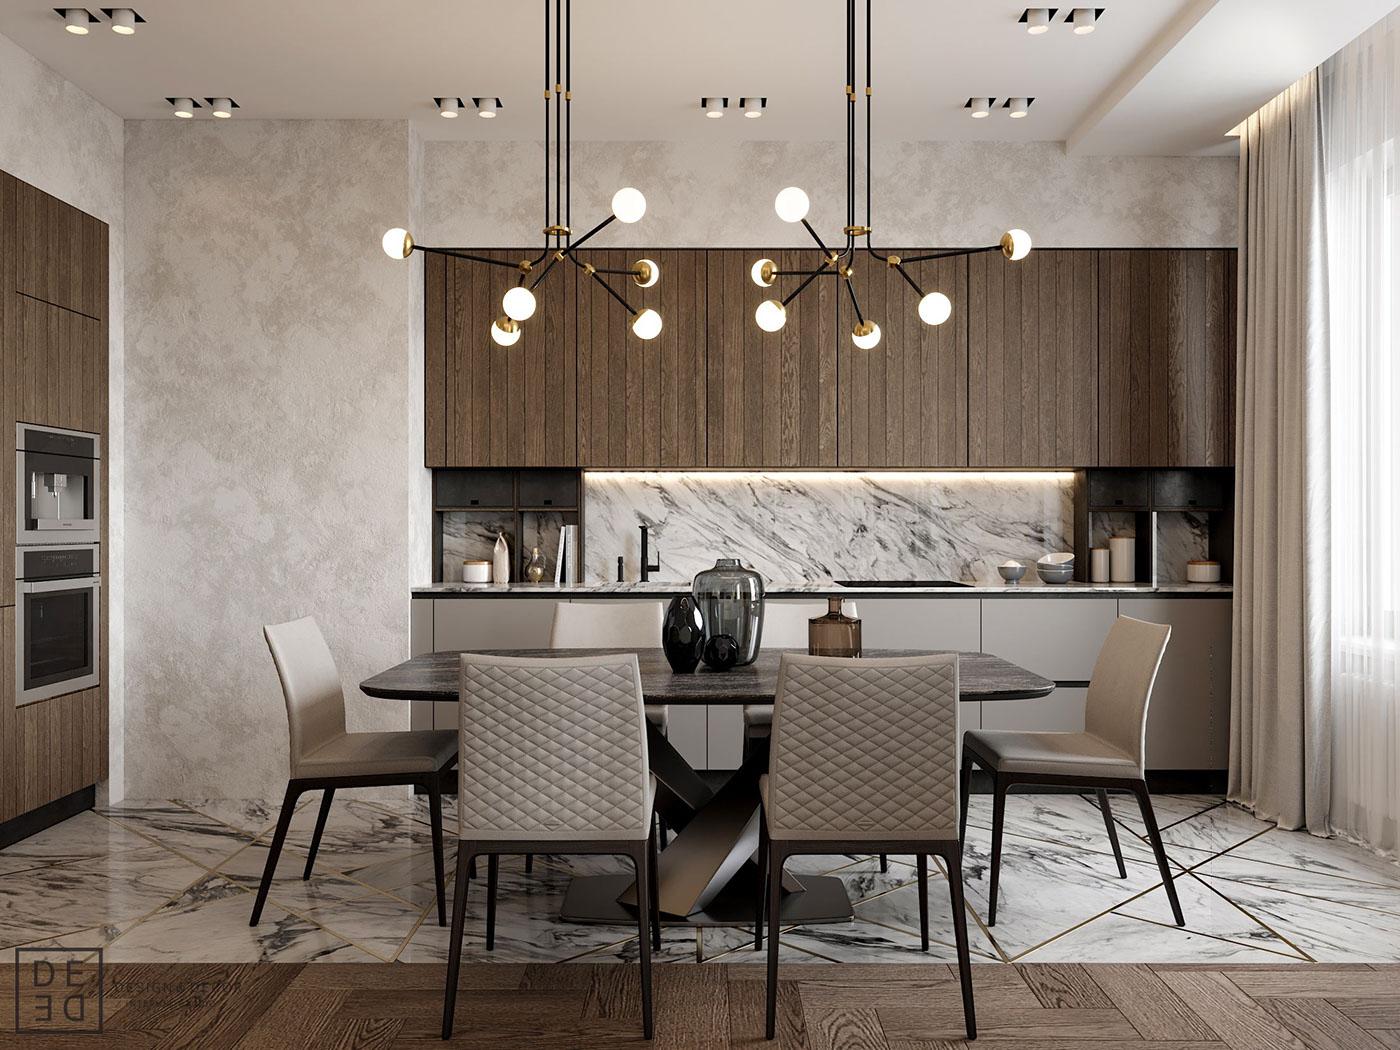 Diseño muebles de cocina: Diseño de cocina comedor laminado en ...